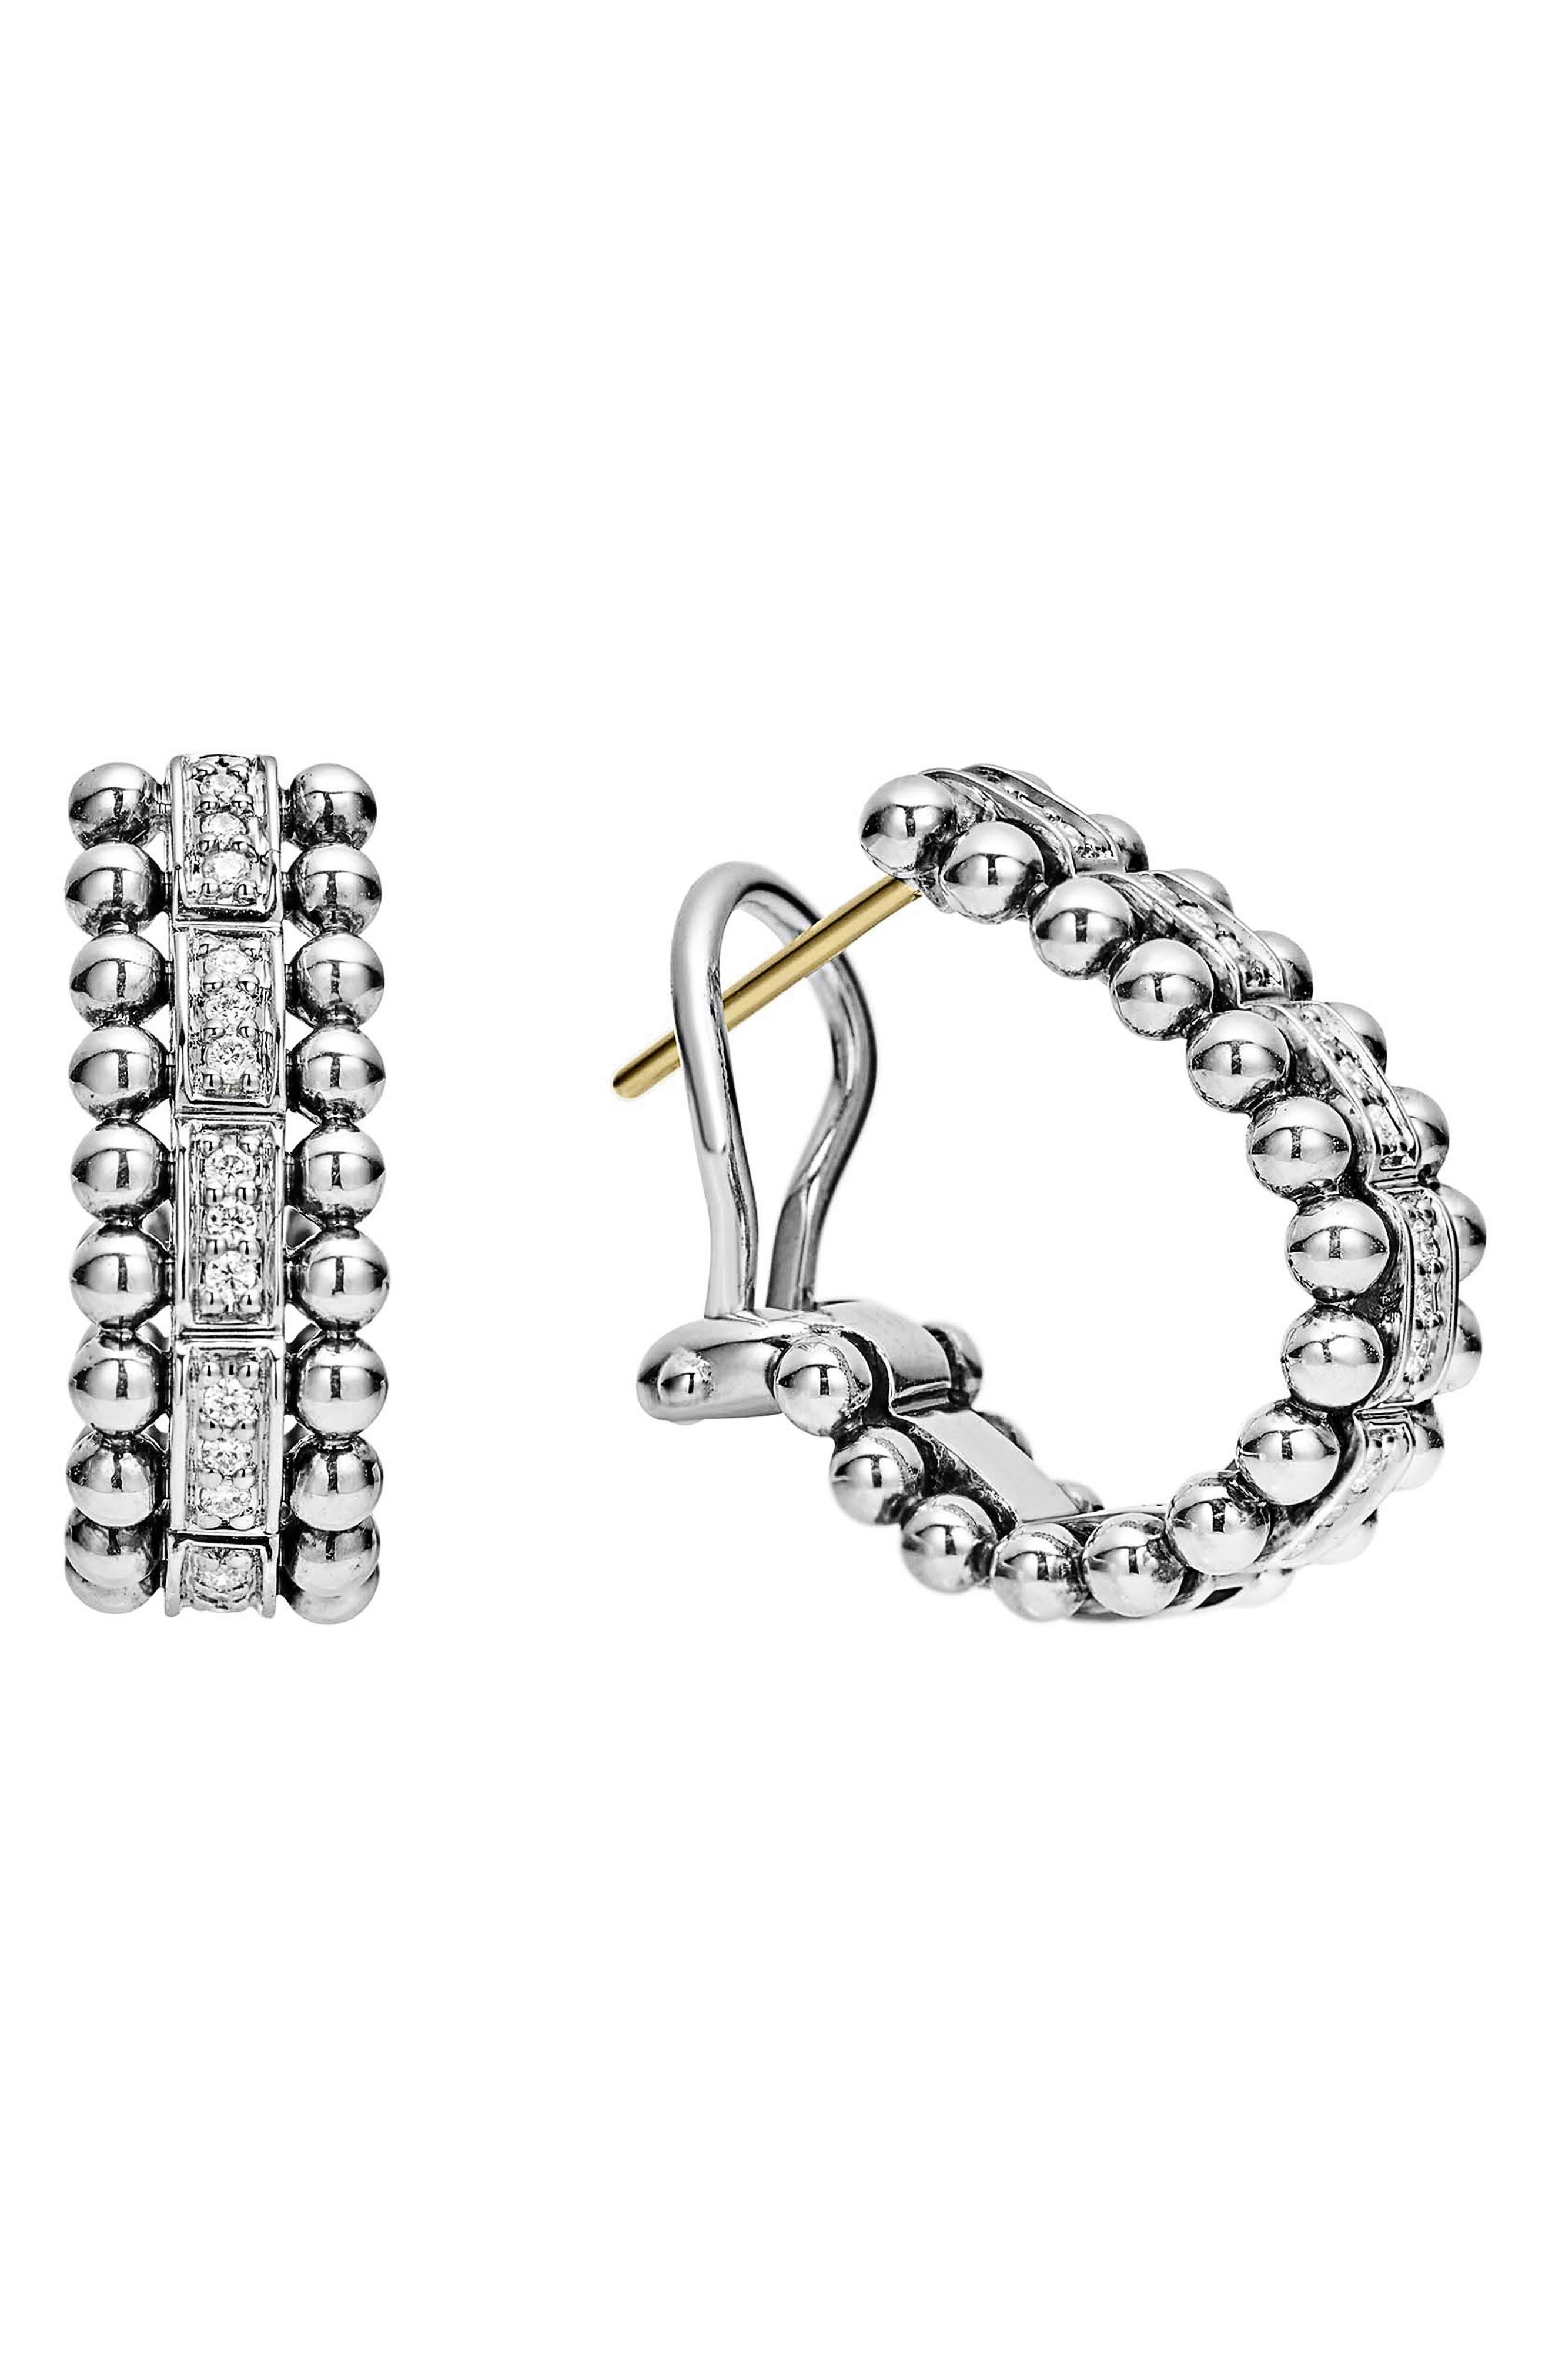 Caviar Spark Diamond Oval Hoop Earrings,                             Main thumbnail 1, color,                             SILVER/ DIAMOND